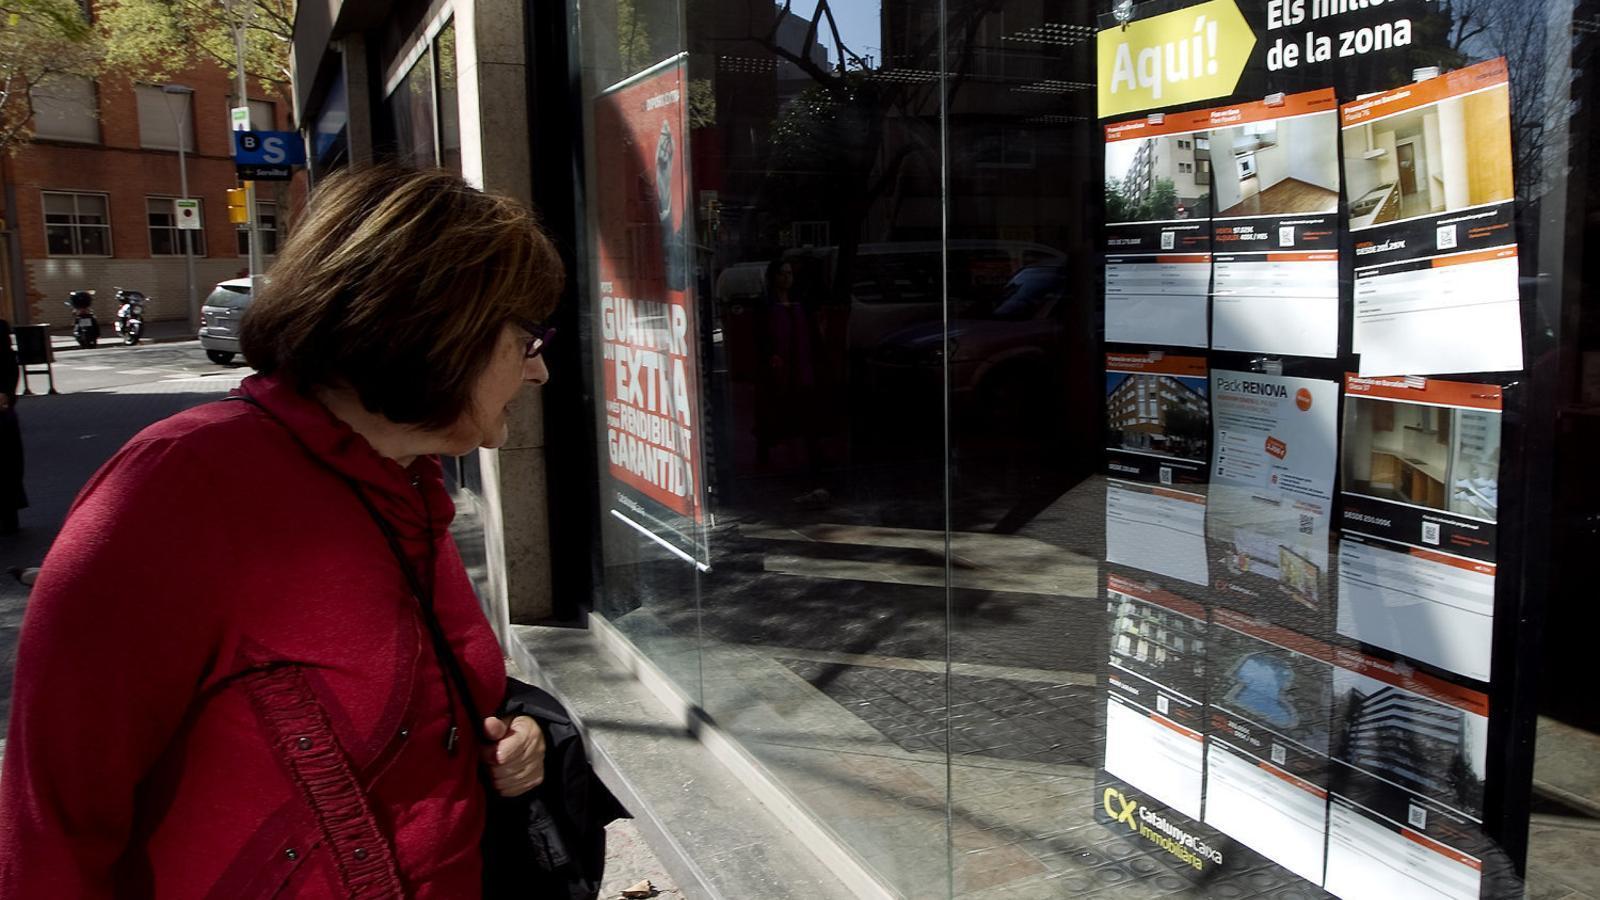 Els propietaris ja negocien: els pisos s'estan llogant un 36% per sota del preu de sortida